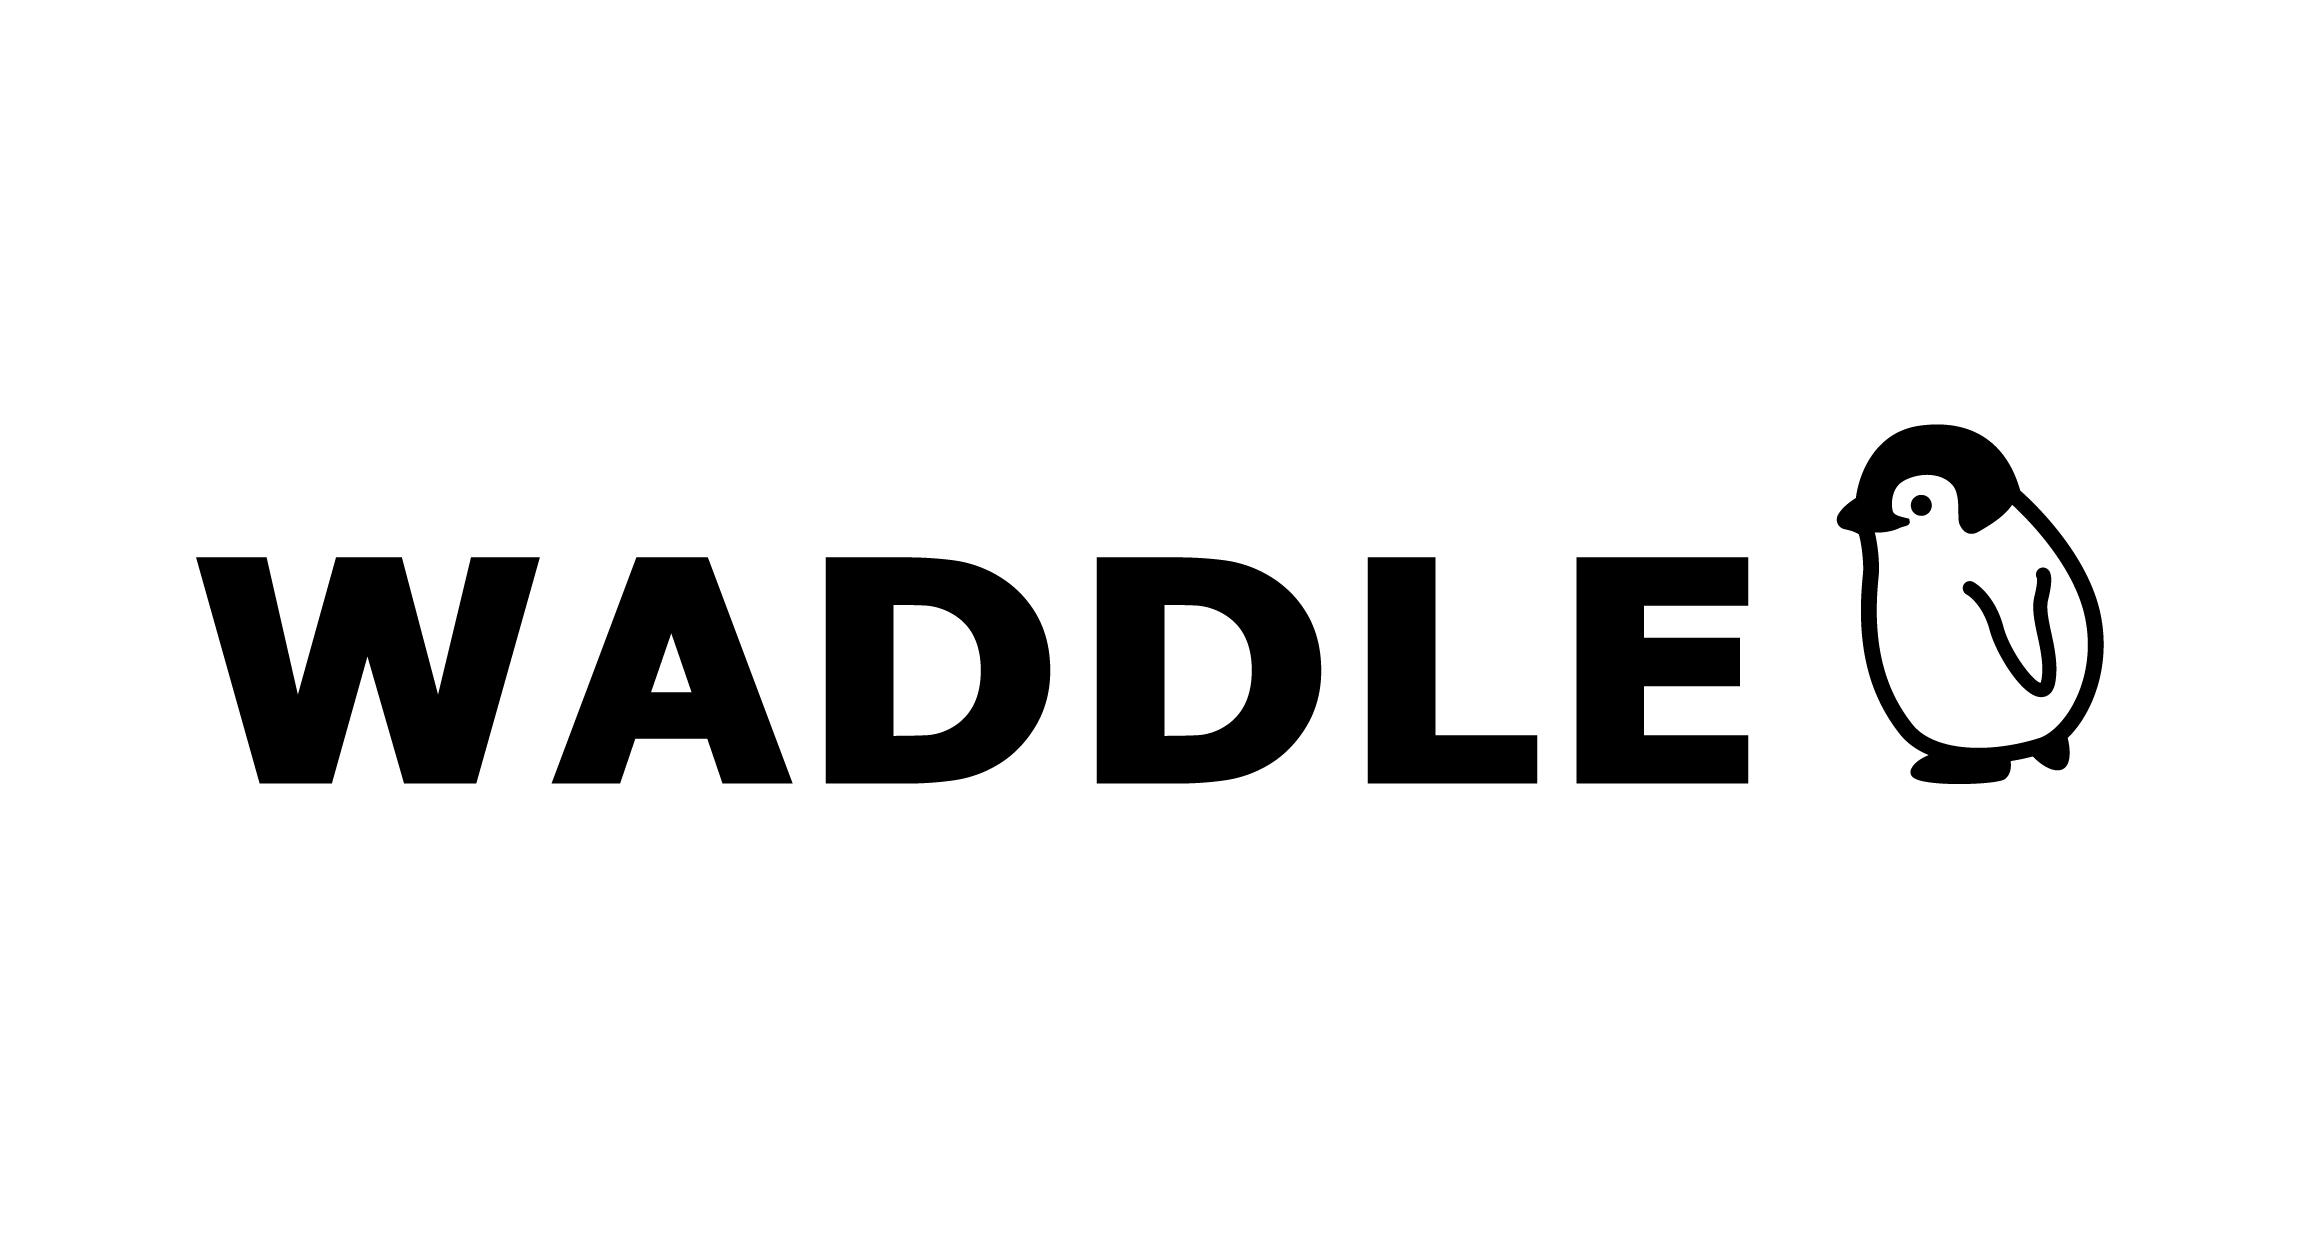 Waddle Corporation